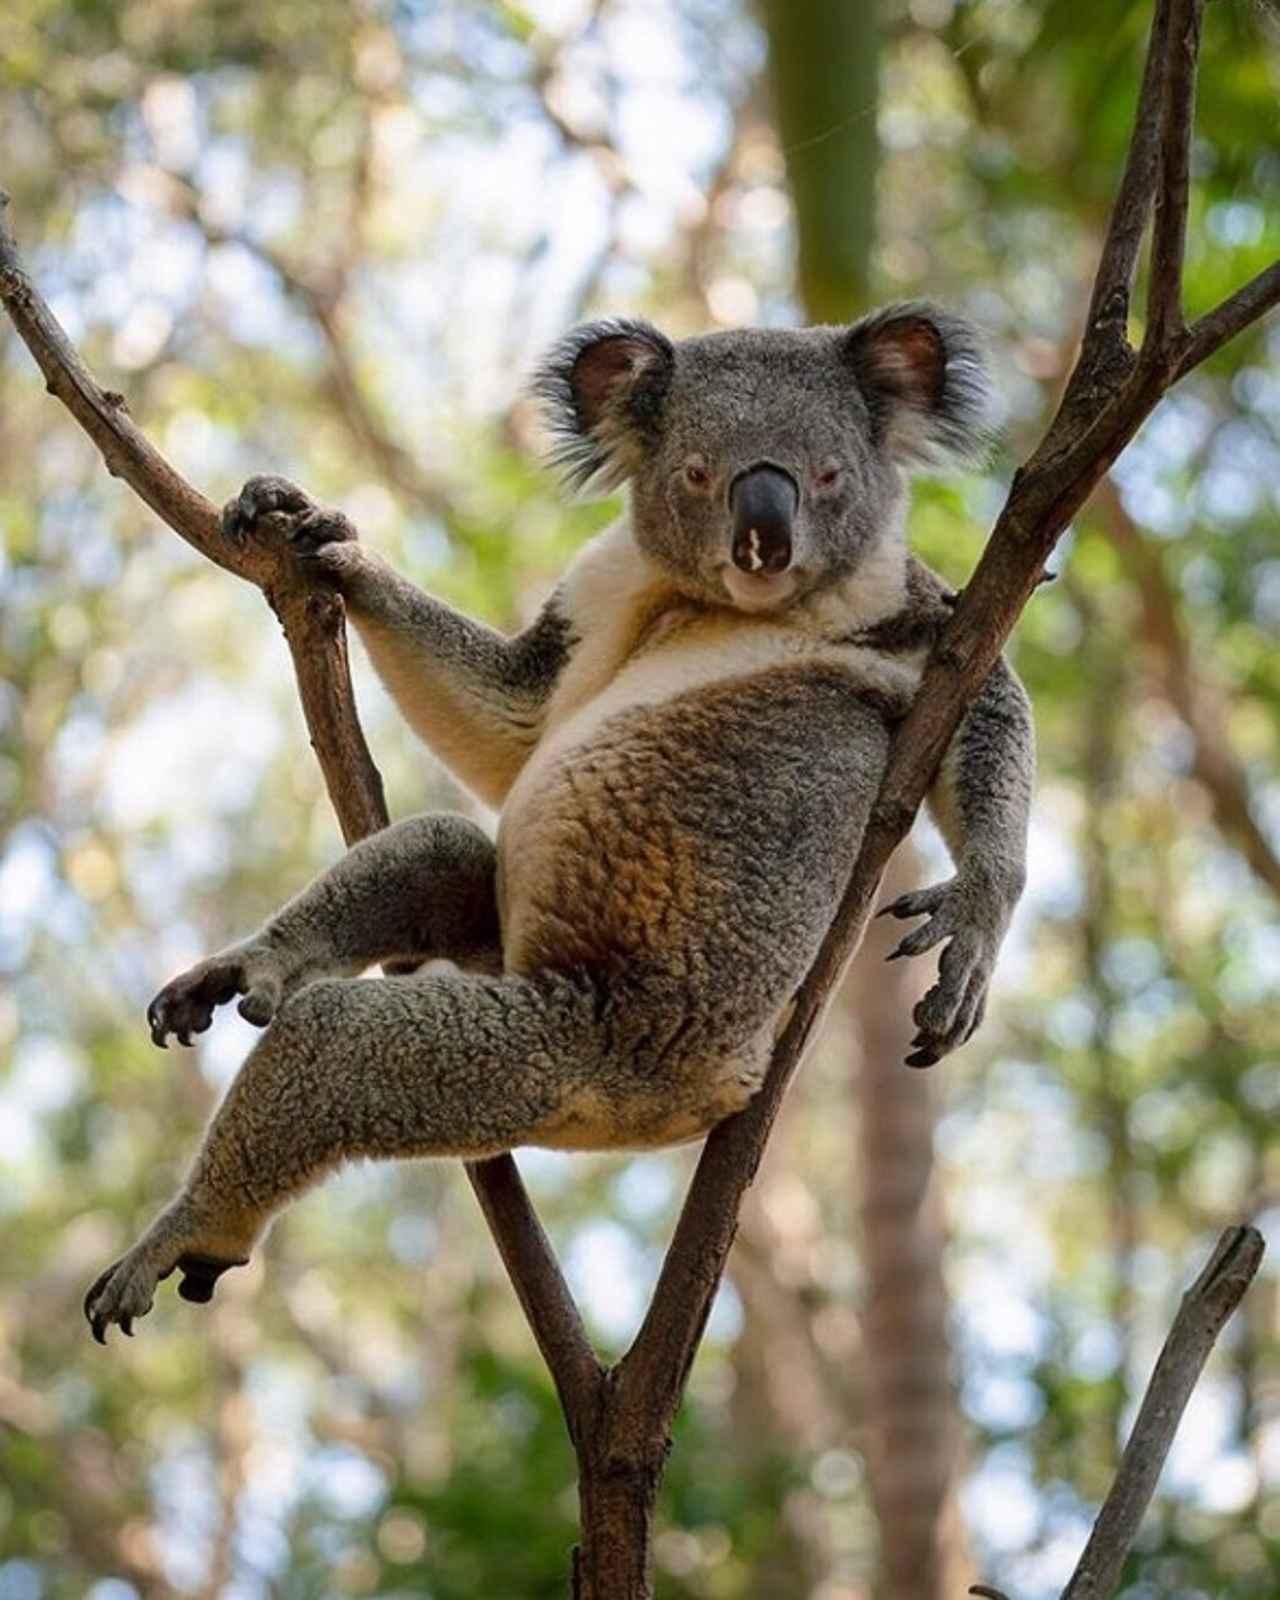 もしかして誘ってるセクシーすぎるコアラに世界中が釘づけ